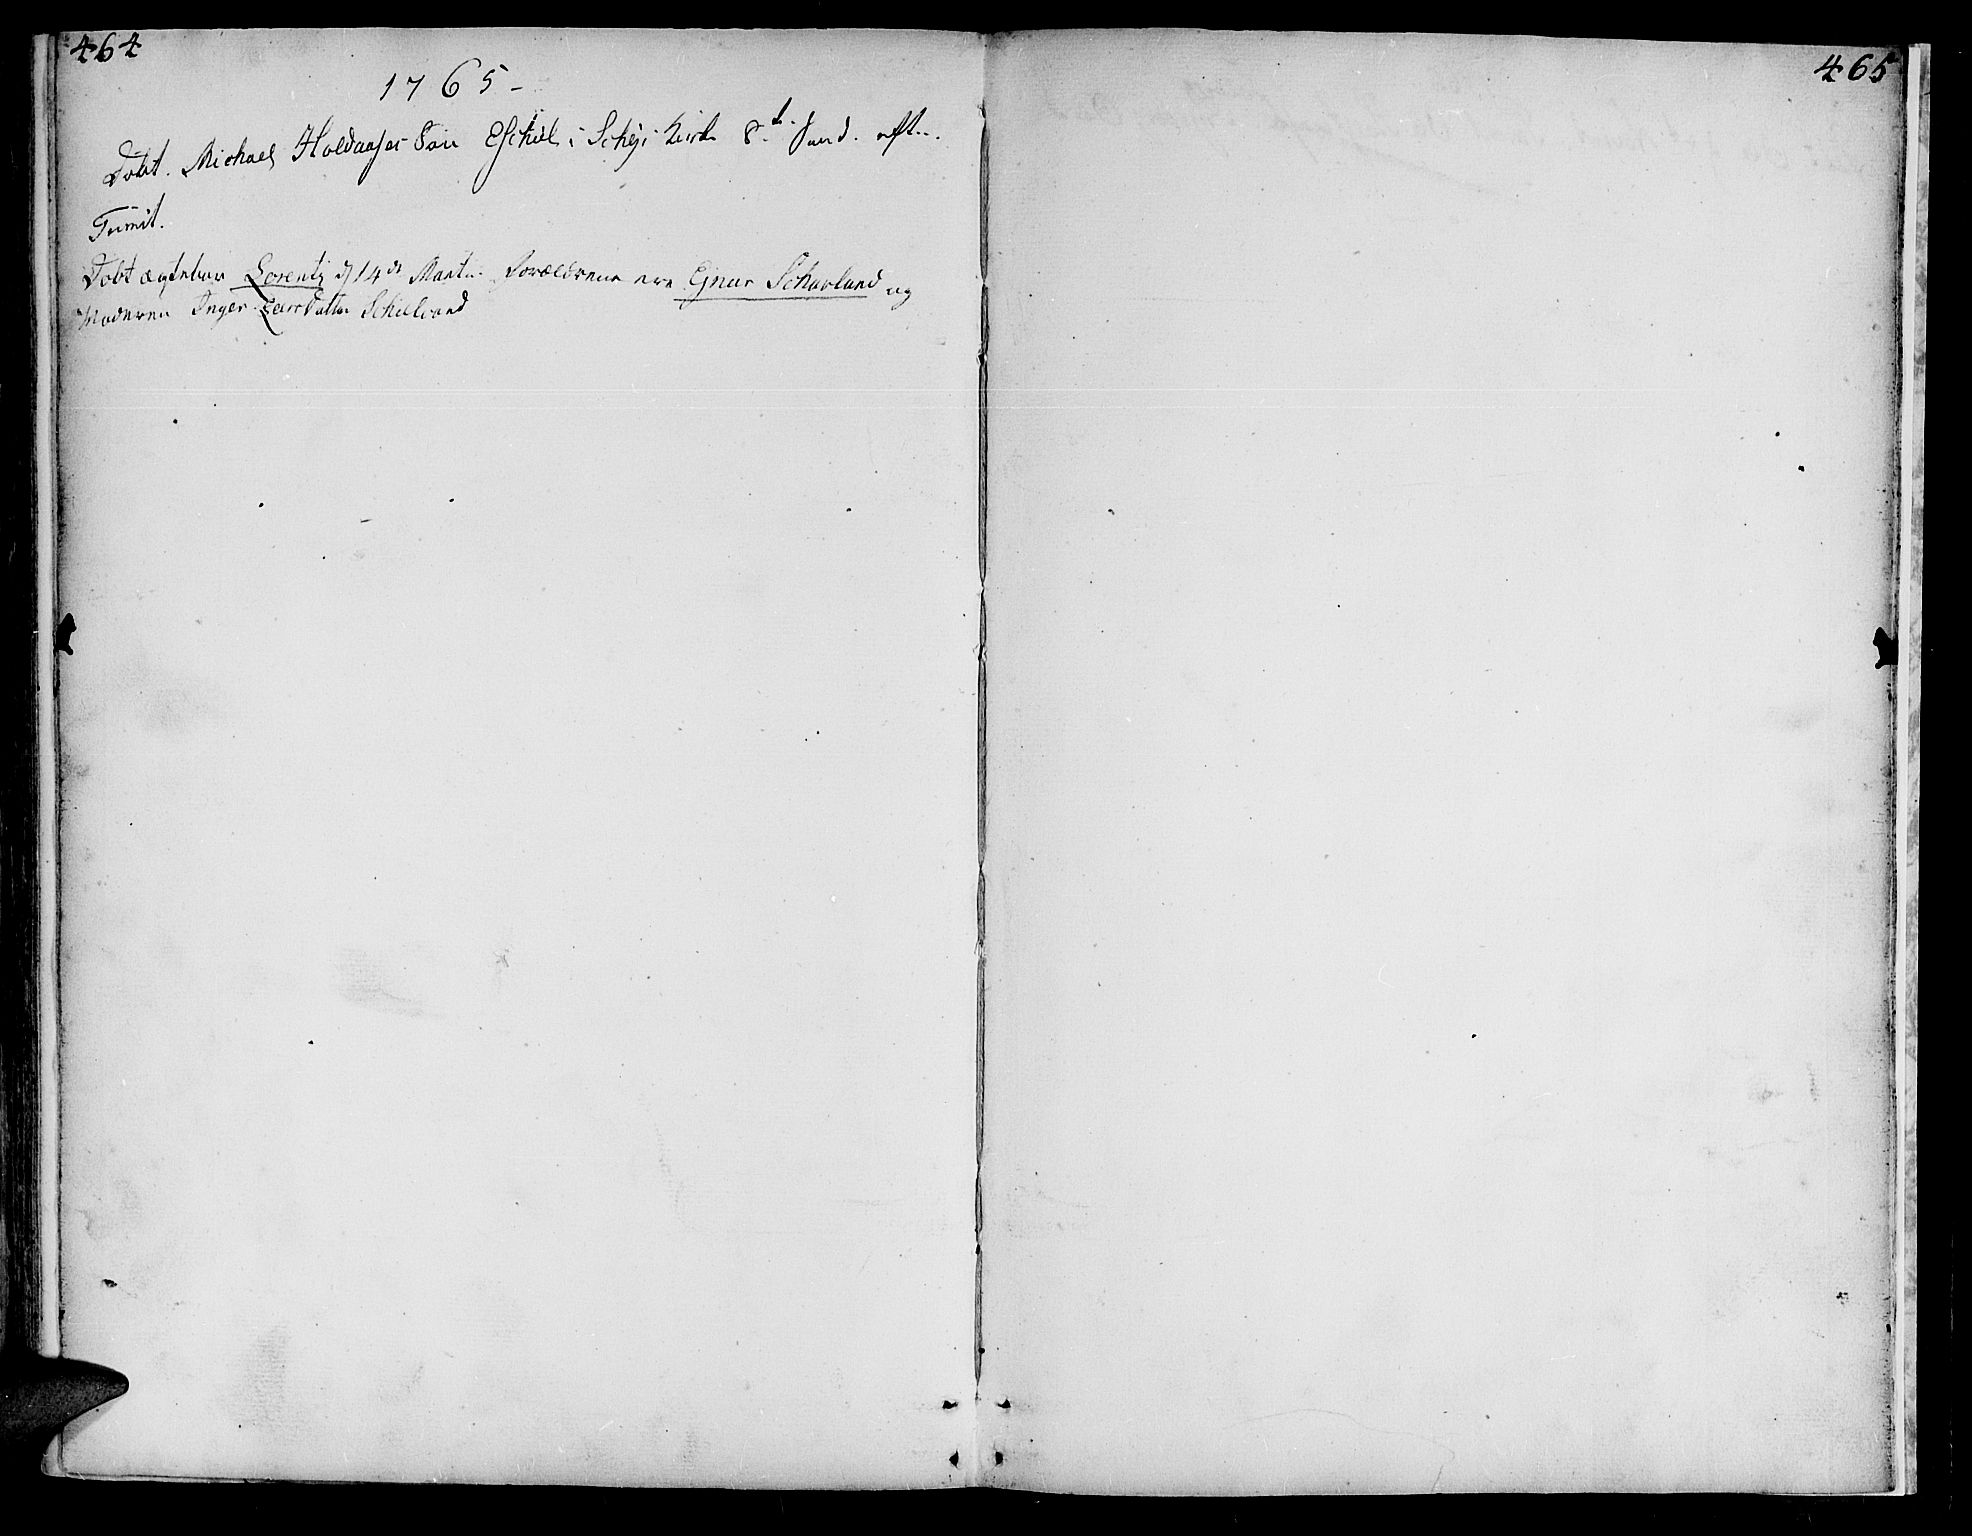 SAT, Ministerialprotokoller, klokkerbøker og fødselsregistre - Nord-Trøndelag, 735/L0330: Ministerialbok nr. 735A01, 1740-1766, s. 464-465